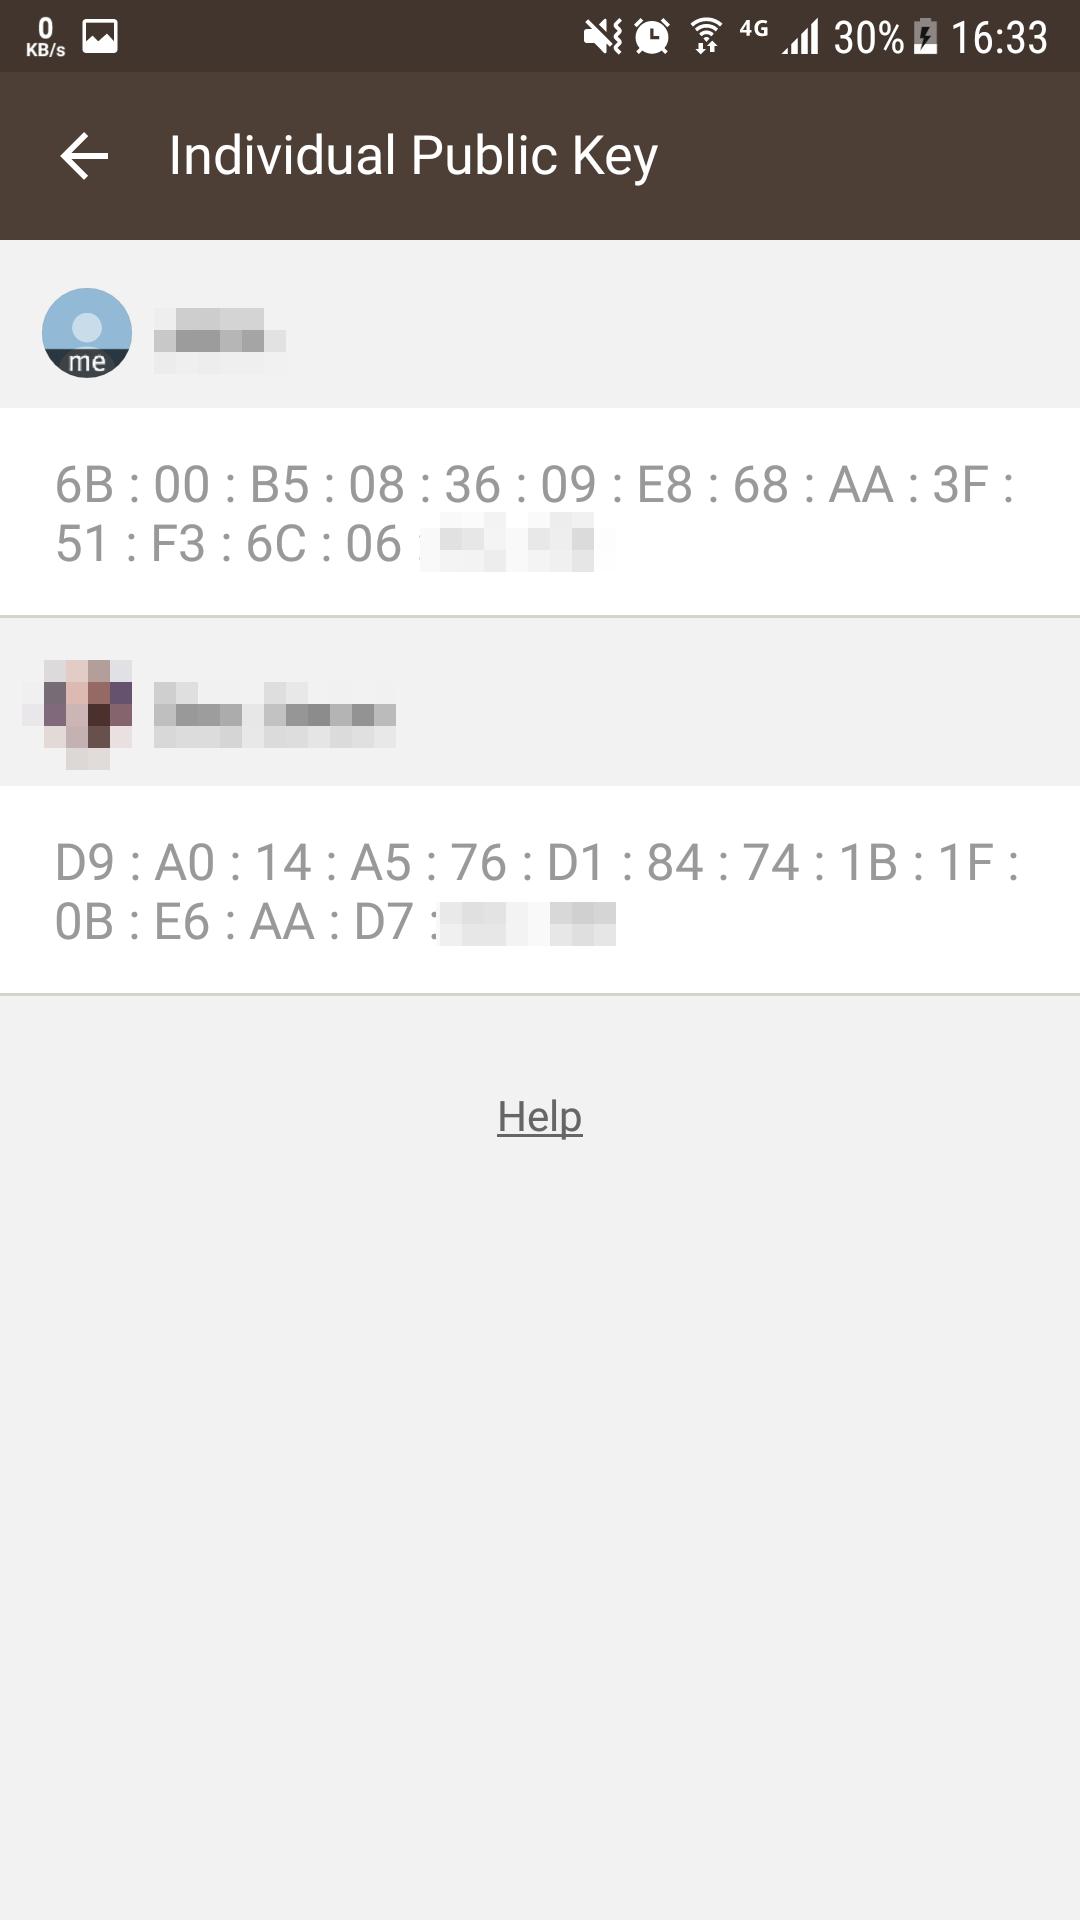 微信偷看聊天记录?看完这篇你就不怕了 文章分享 第12张